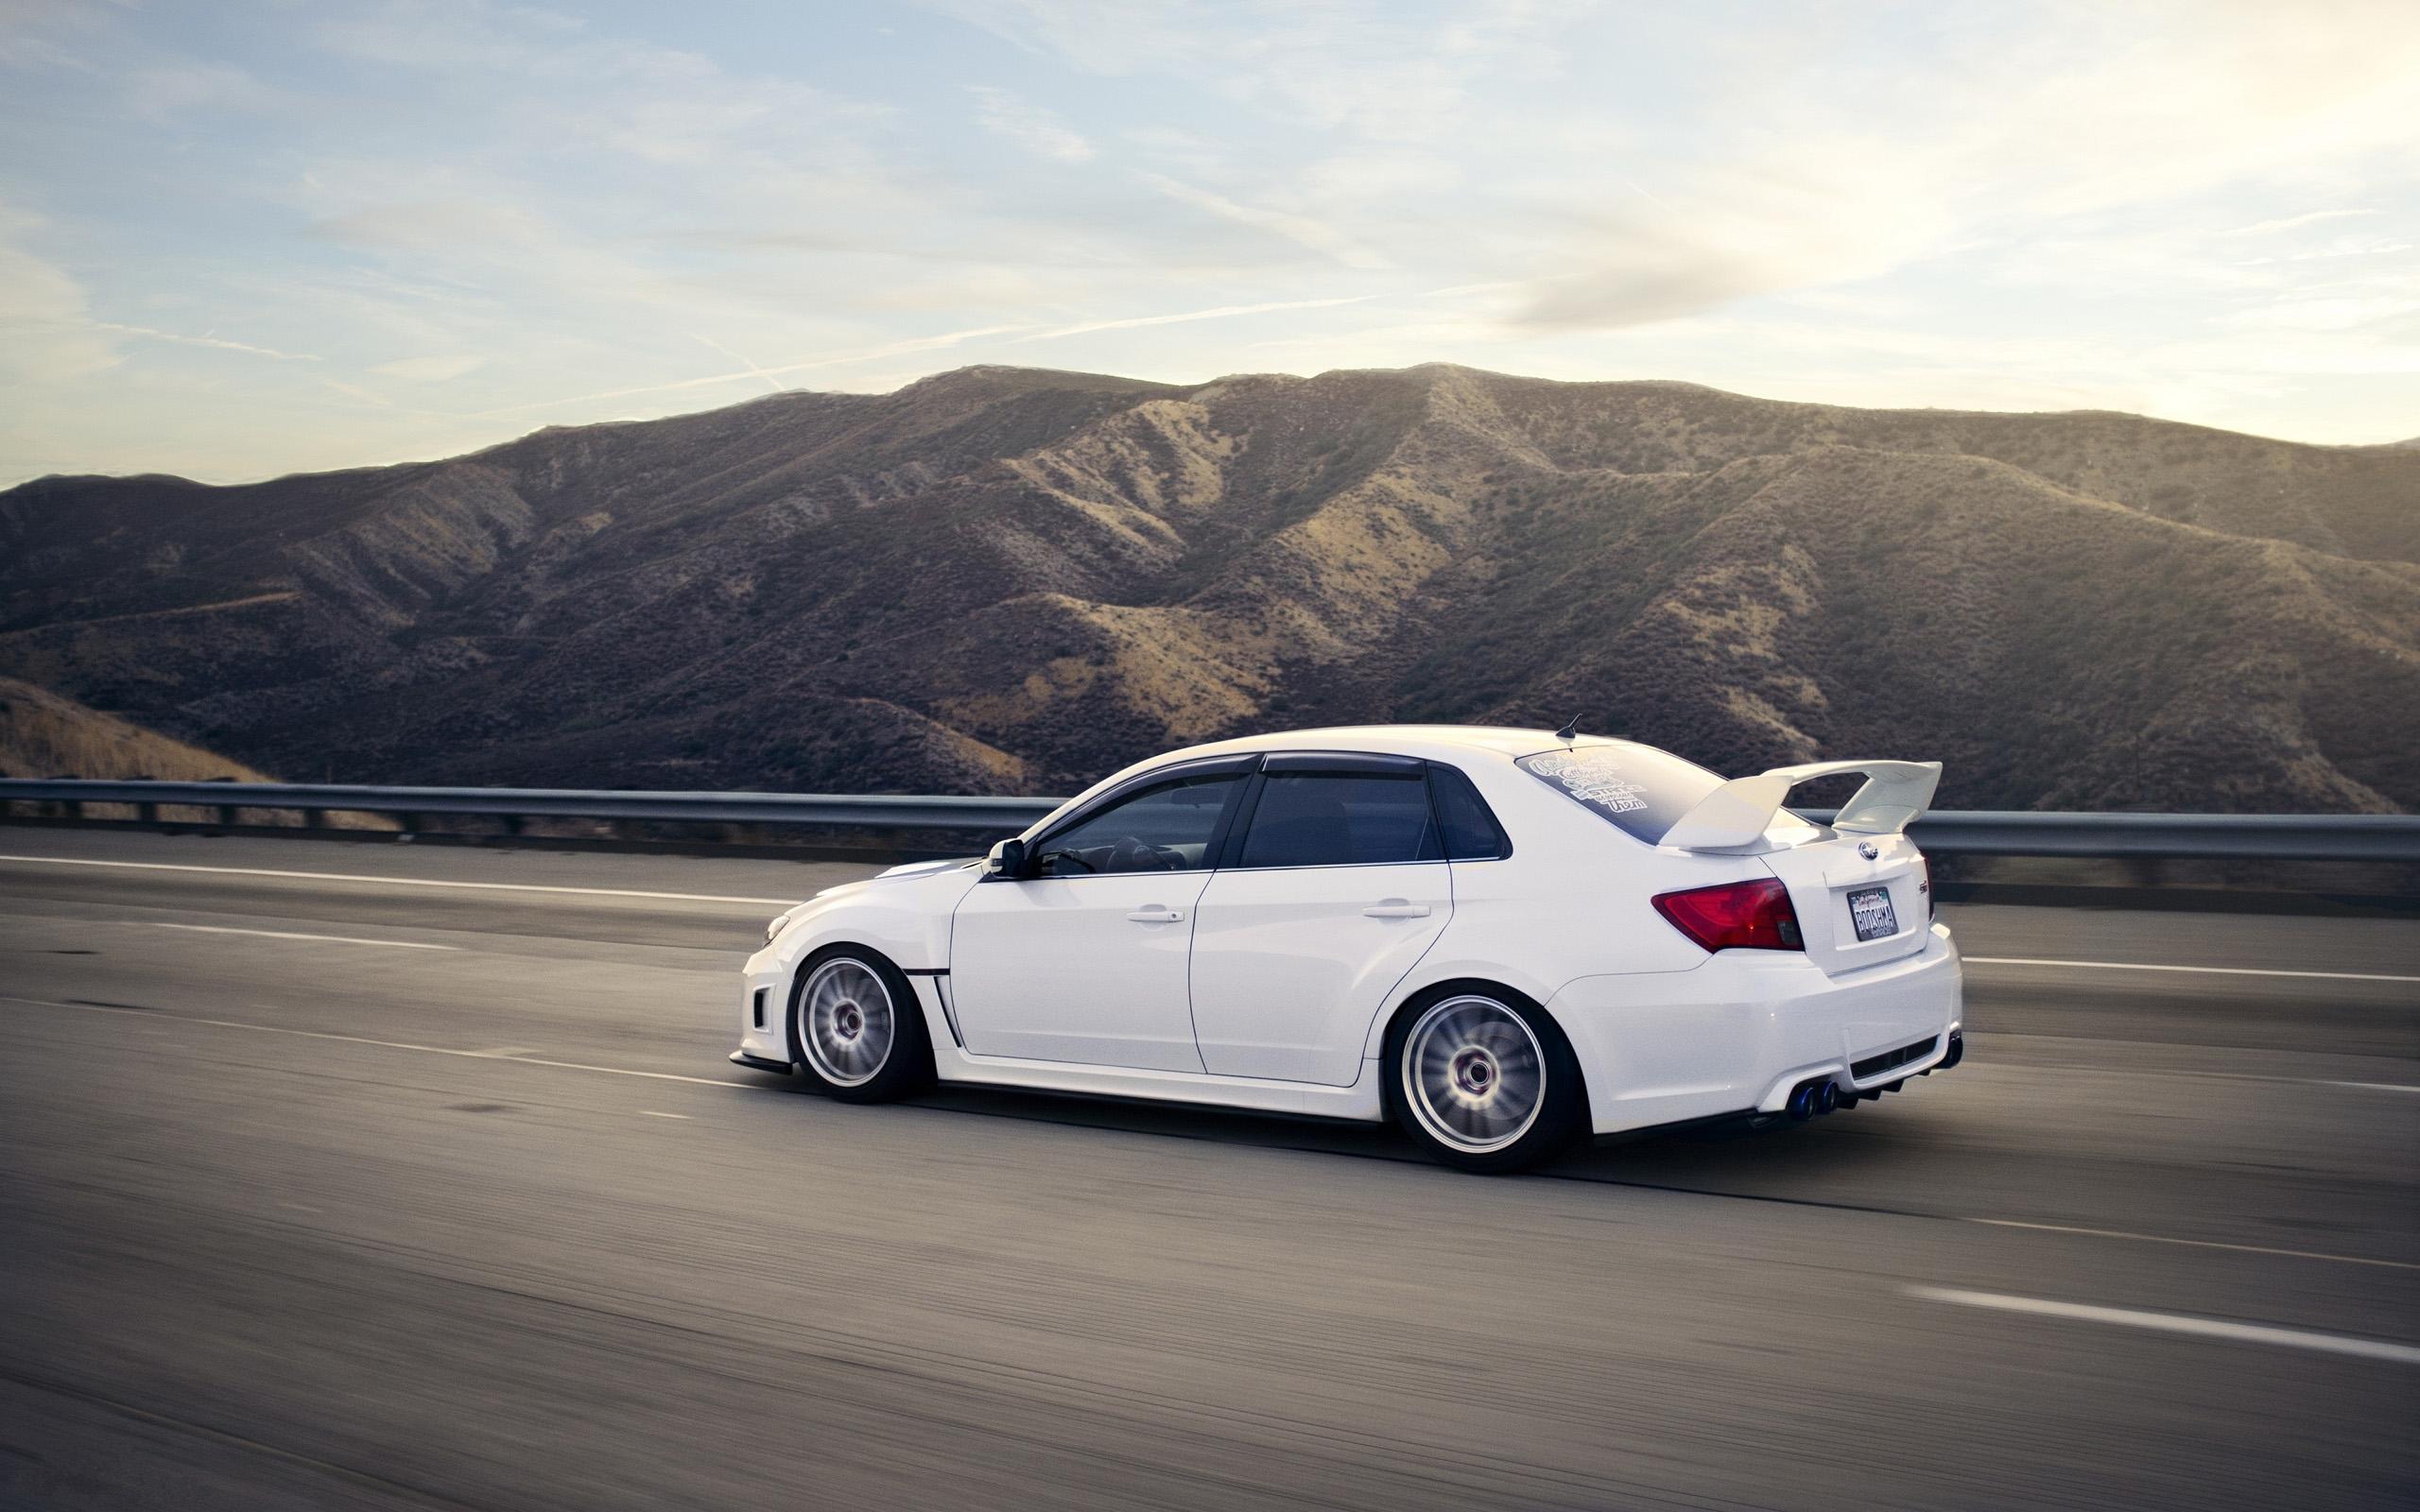 Subaru Wrx Sti Sedan 2 5 300 Hp Turbo